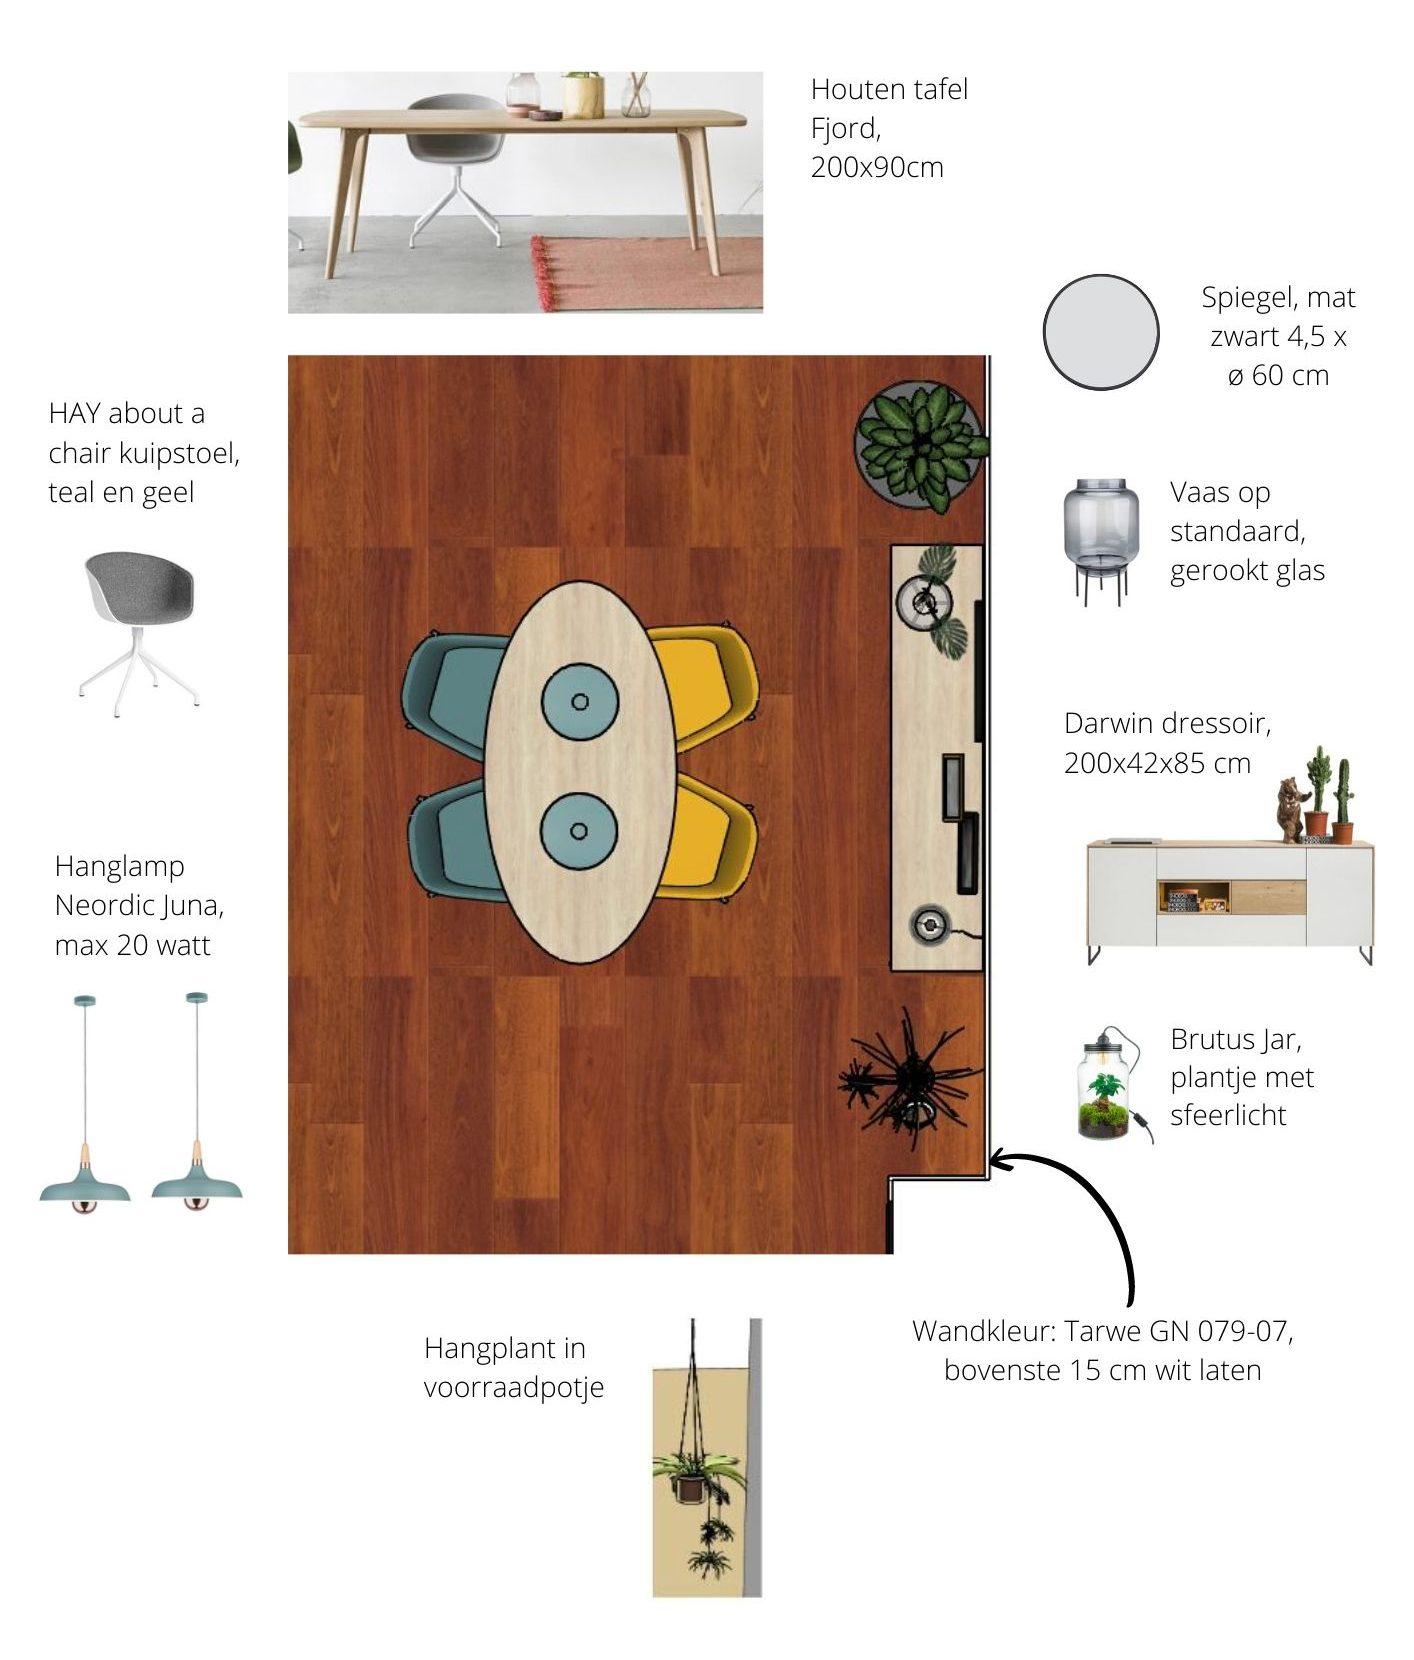 plattegrond met meubelplan nicole